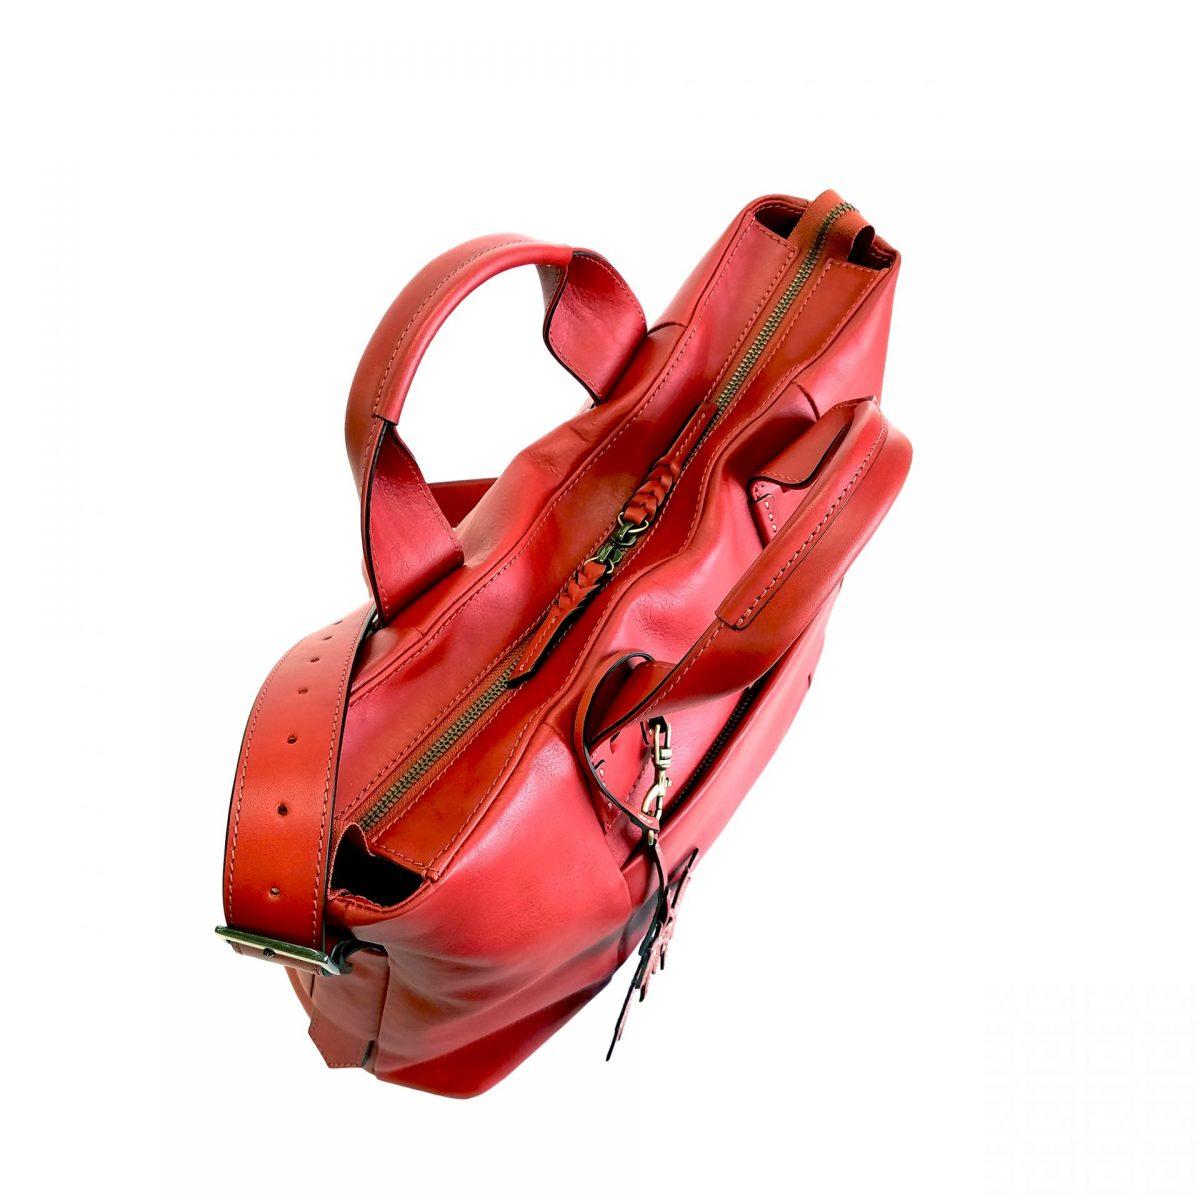 corteo centro rosso | caedekyoto